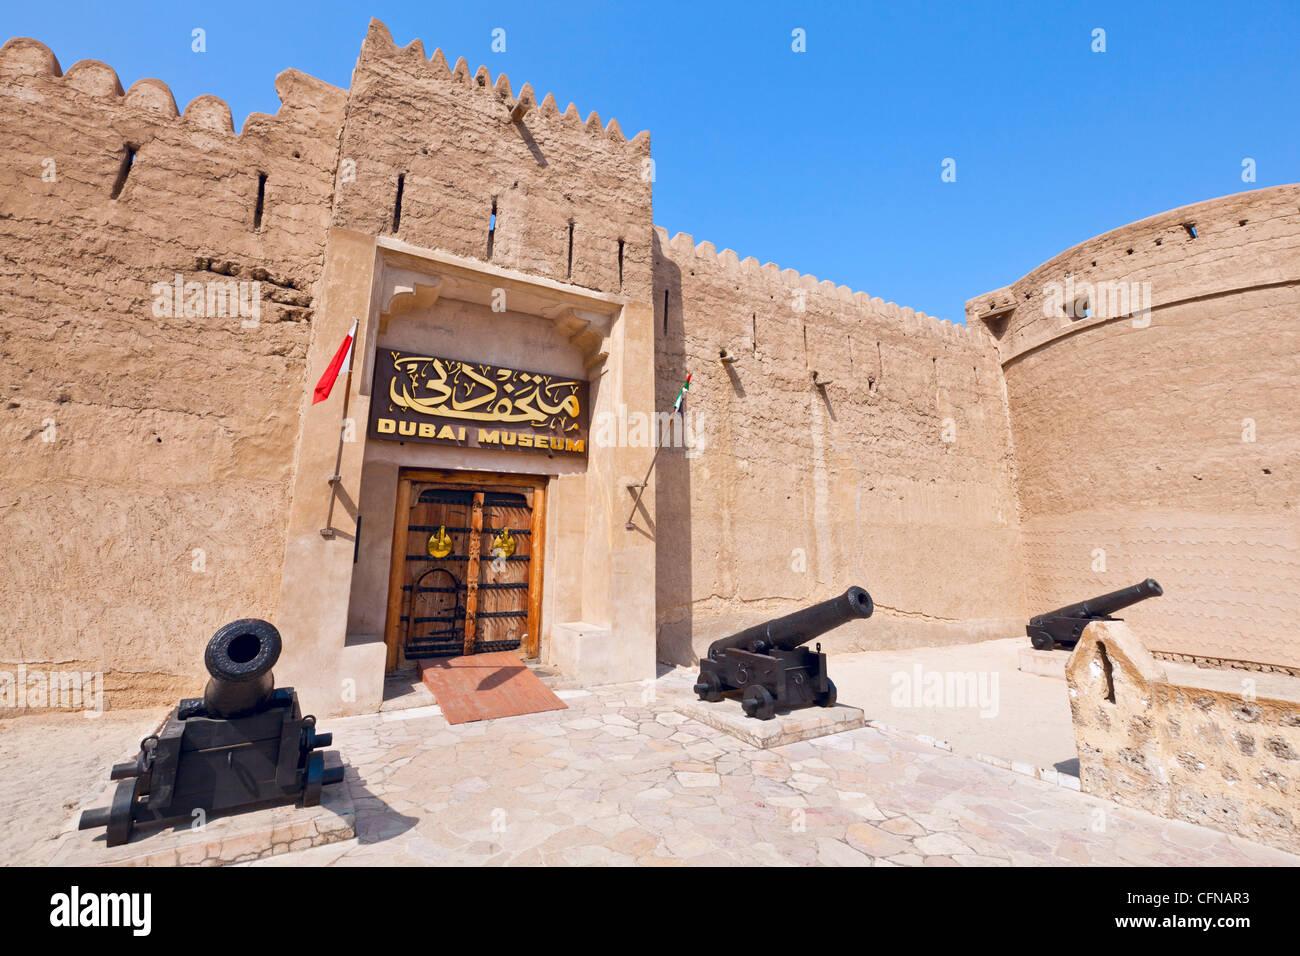 Cannons outside Dubai Museum, Al Fahidi Fort, Bur Dubai, United Arab Emirates, Middle East - Stock Image